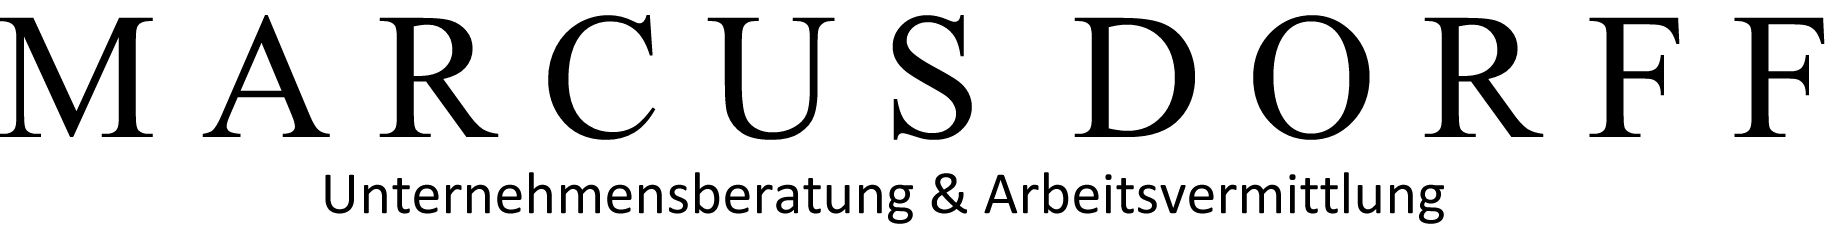 Marcus Dorff Unternehmensberatung und Arbeitsvermittlungs Logo